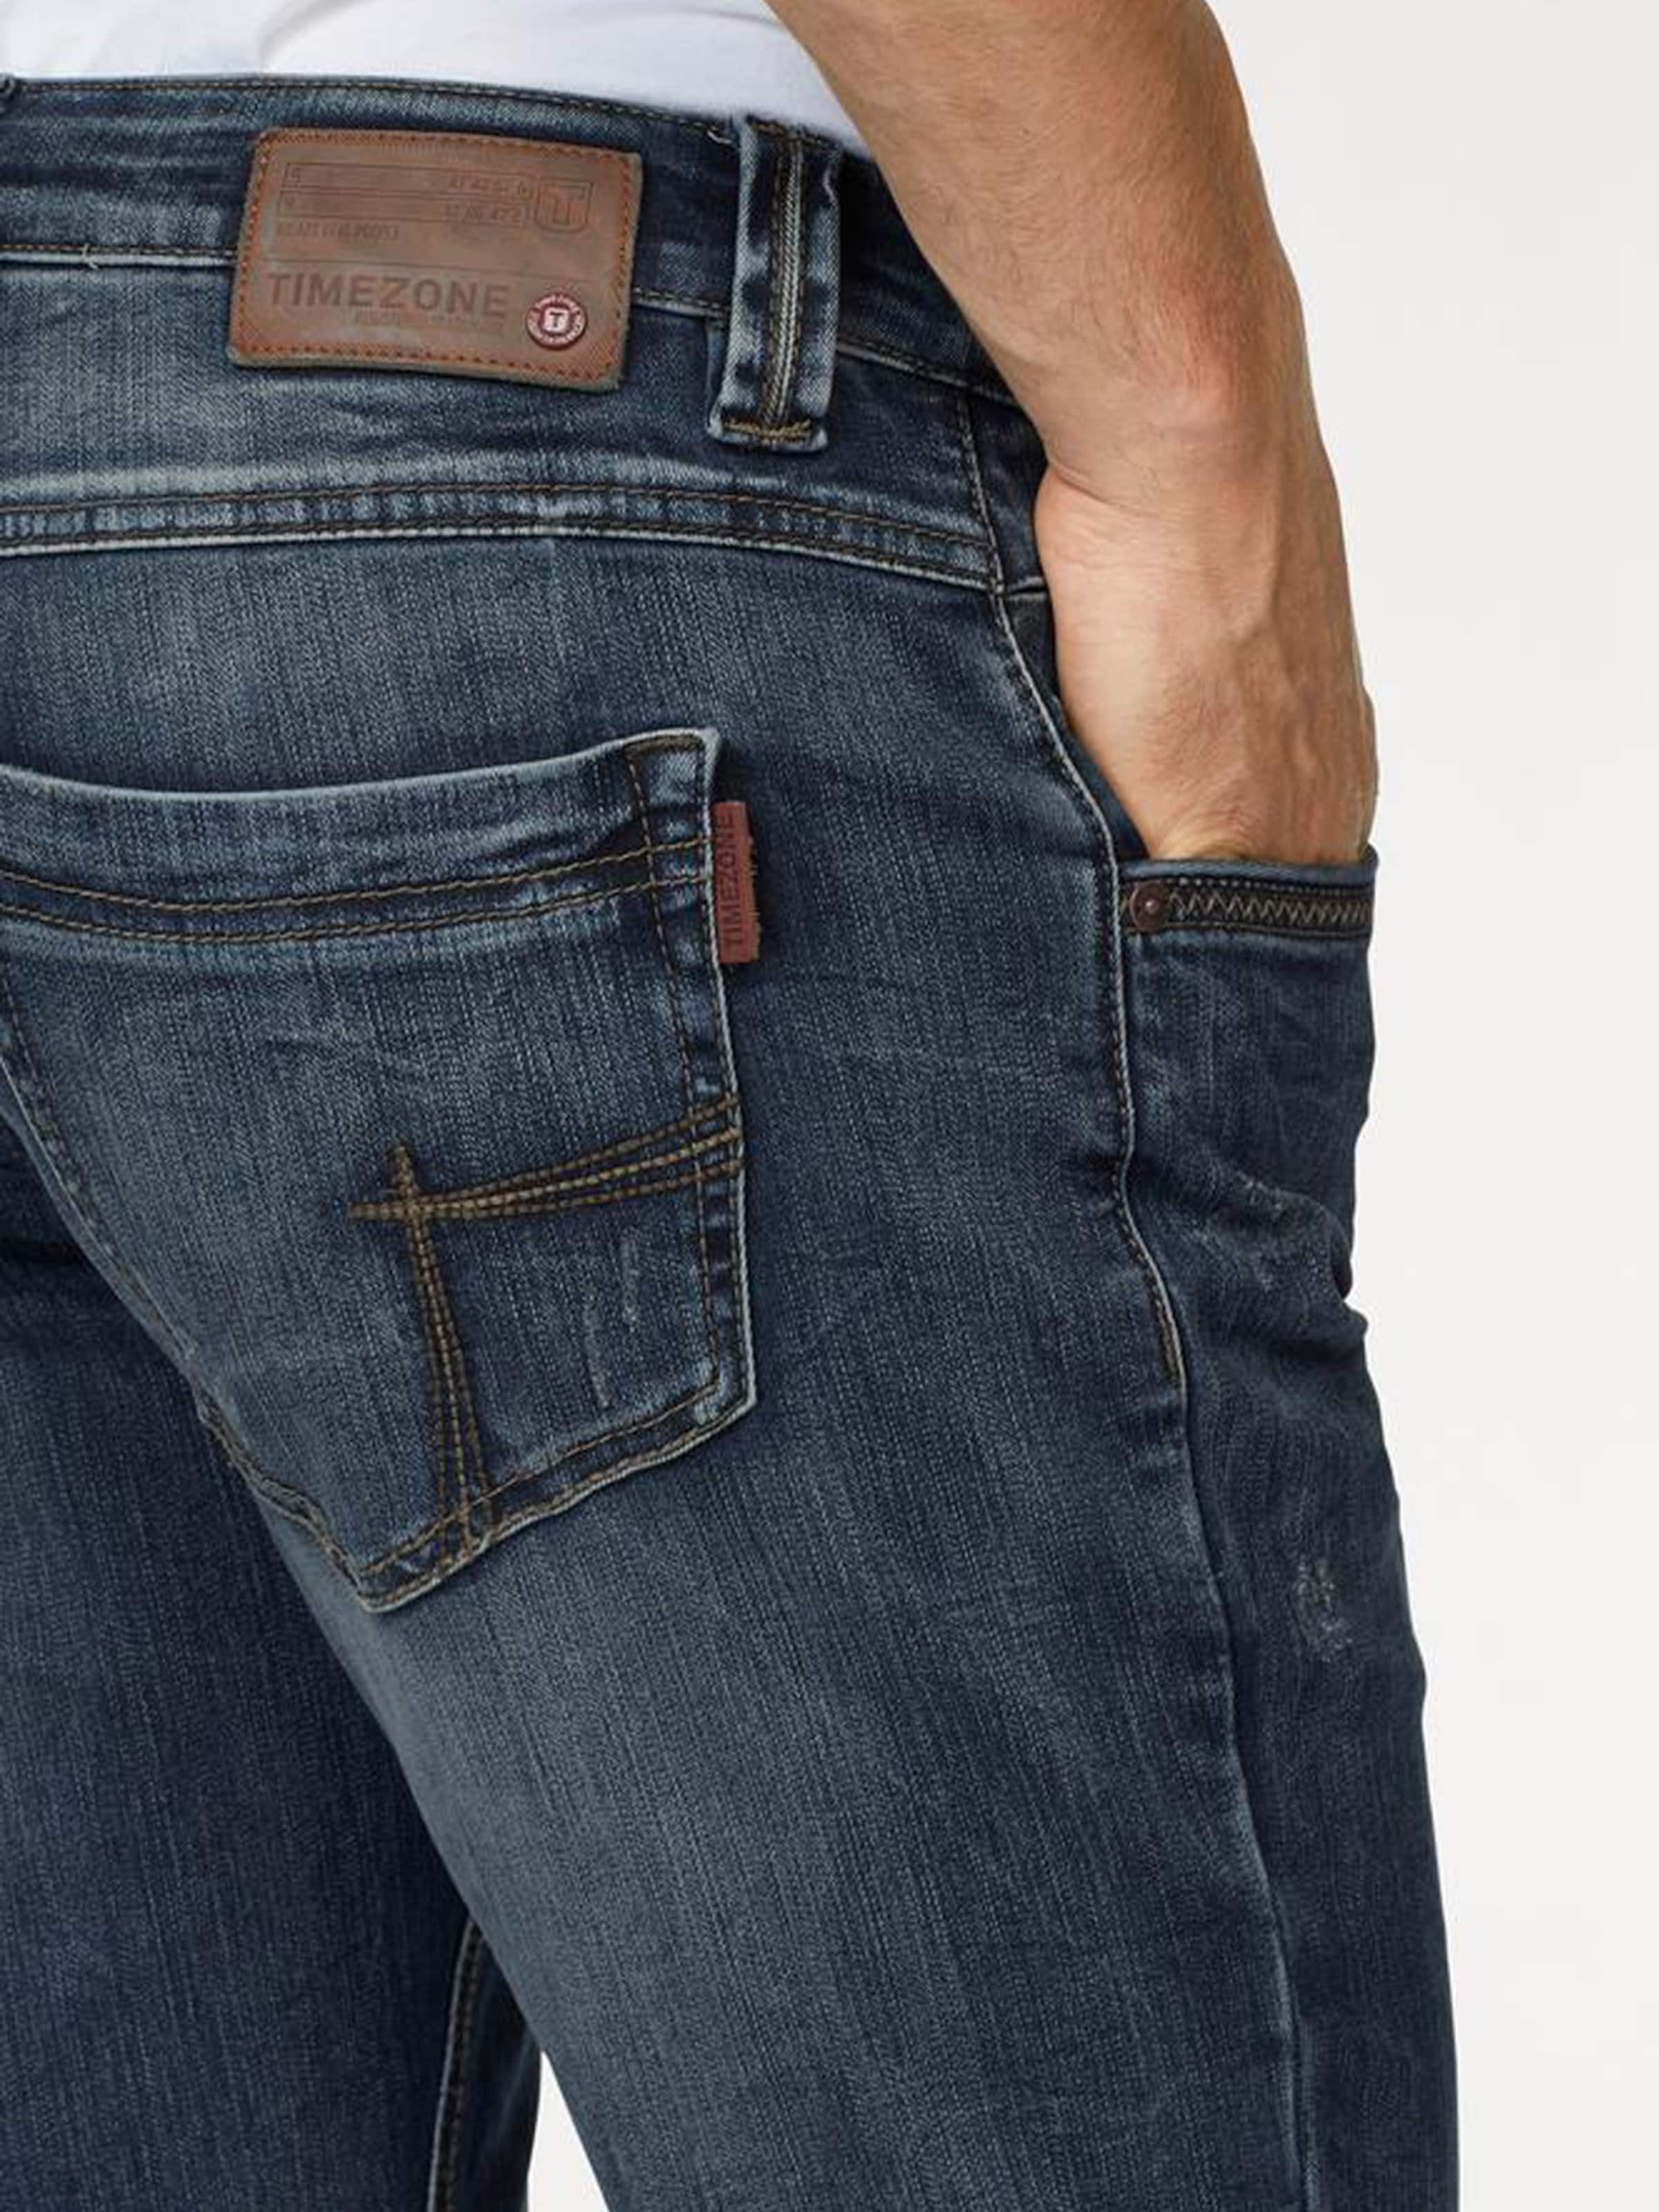 Ausgezeichneter Günstiger Preis TIMEZONE Stretch-Jeans 'EDUARDO' Superstretch Angebot Ansicht Verkauf Online Rabatt Veröffentlichungstermine 9ikxX